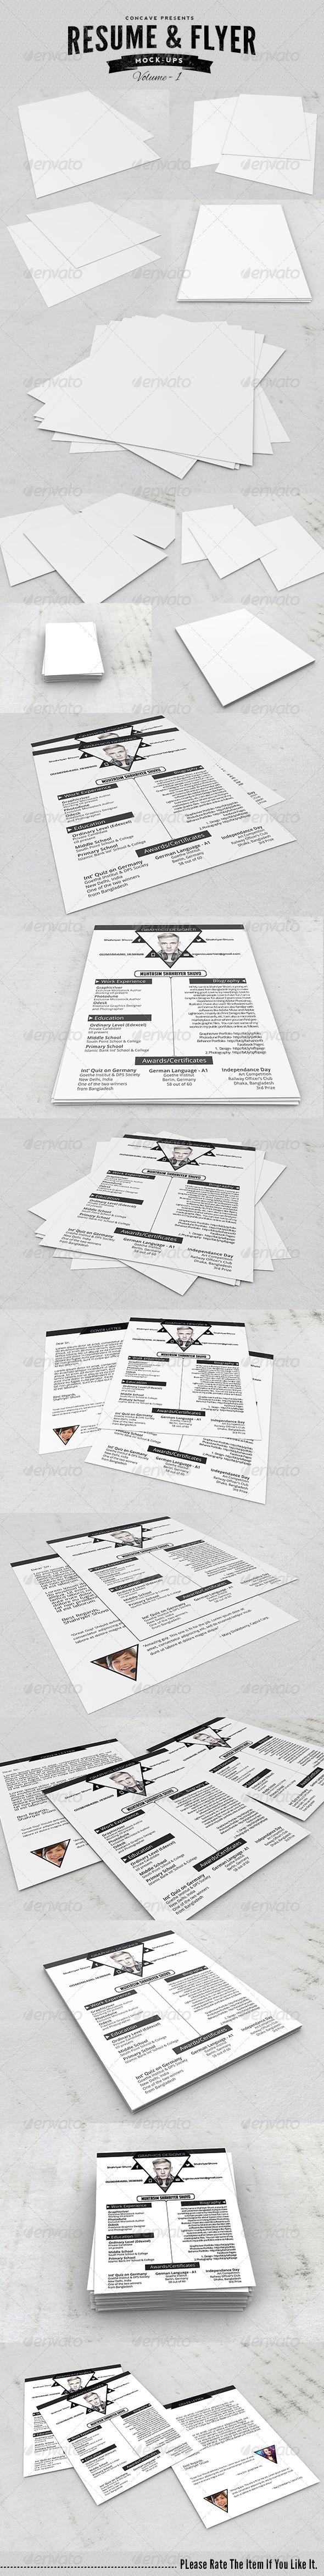 Resume / Flyer / Poster Mockups